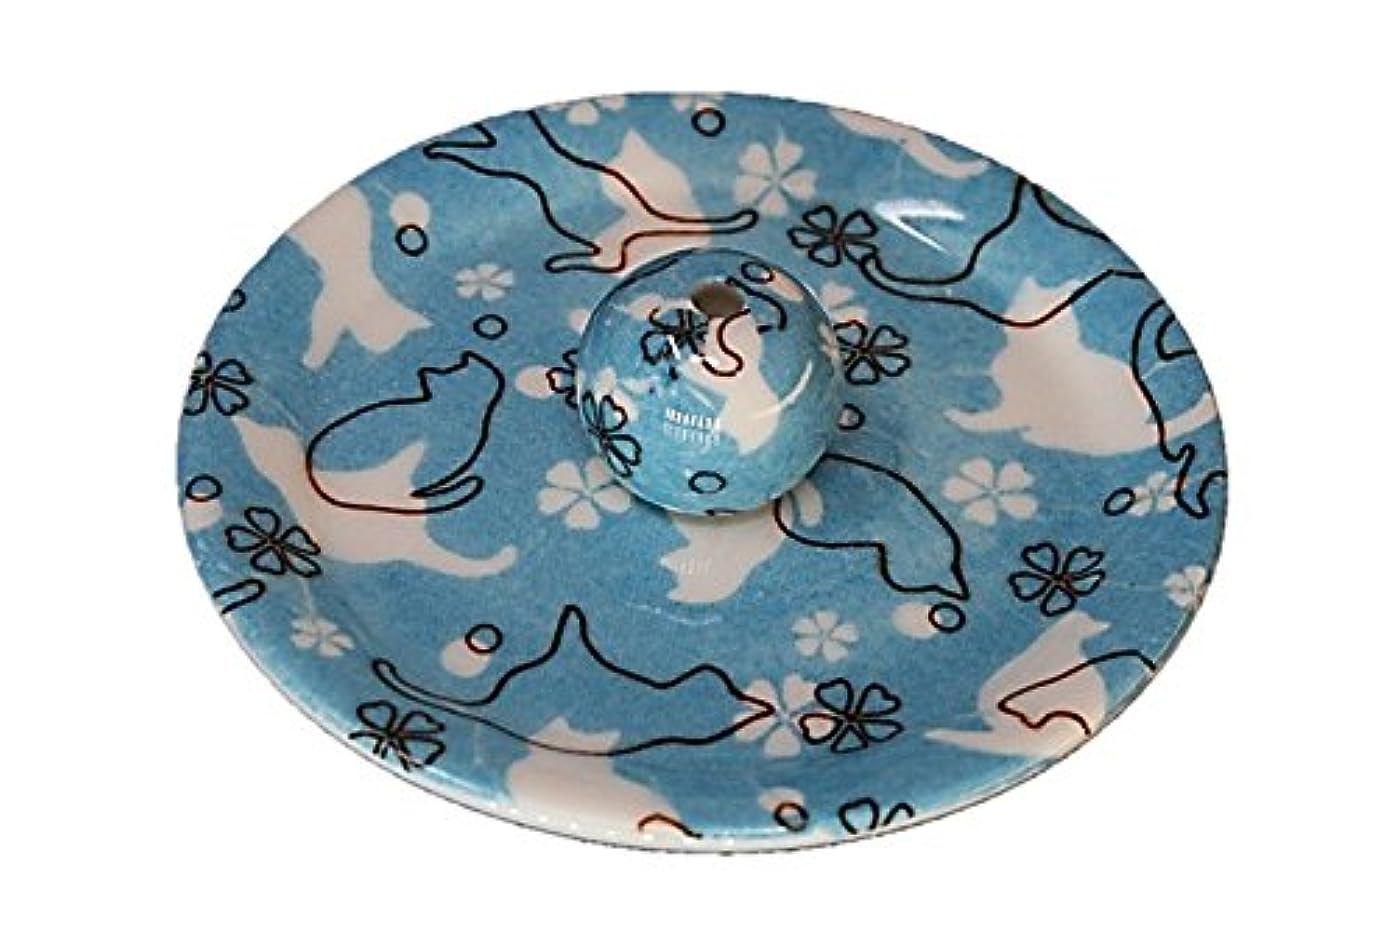 特権的オーケストラ唇9-45 ねこランド(ブルー) 9cm香皿 日本製 お香立て 陶器 猫柄